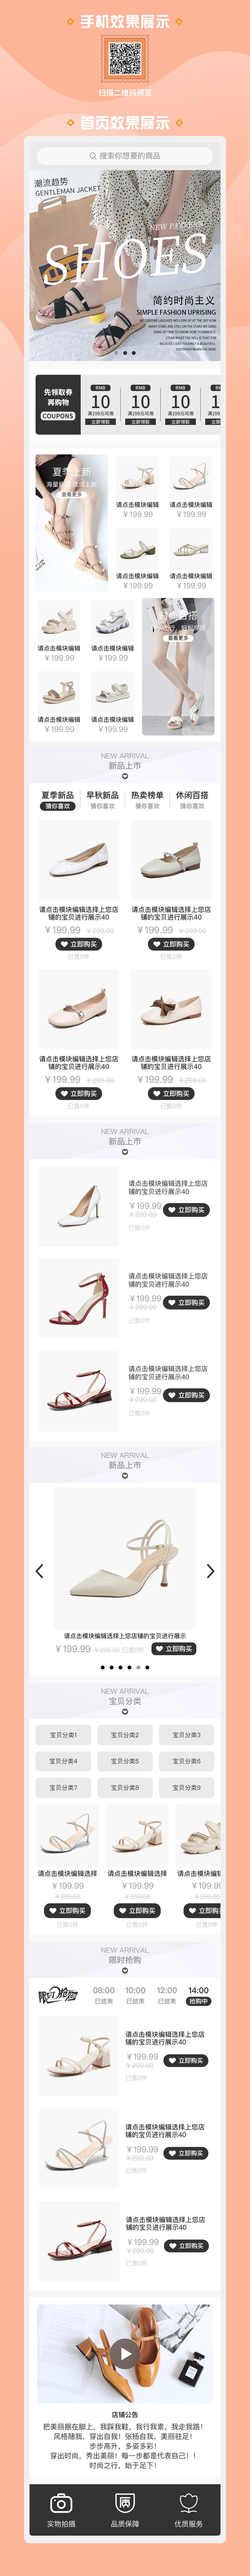 009简约女鞋微商城-第二屏介绍.jpg